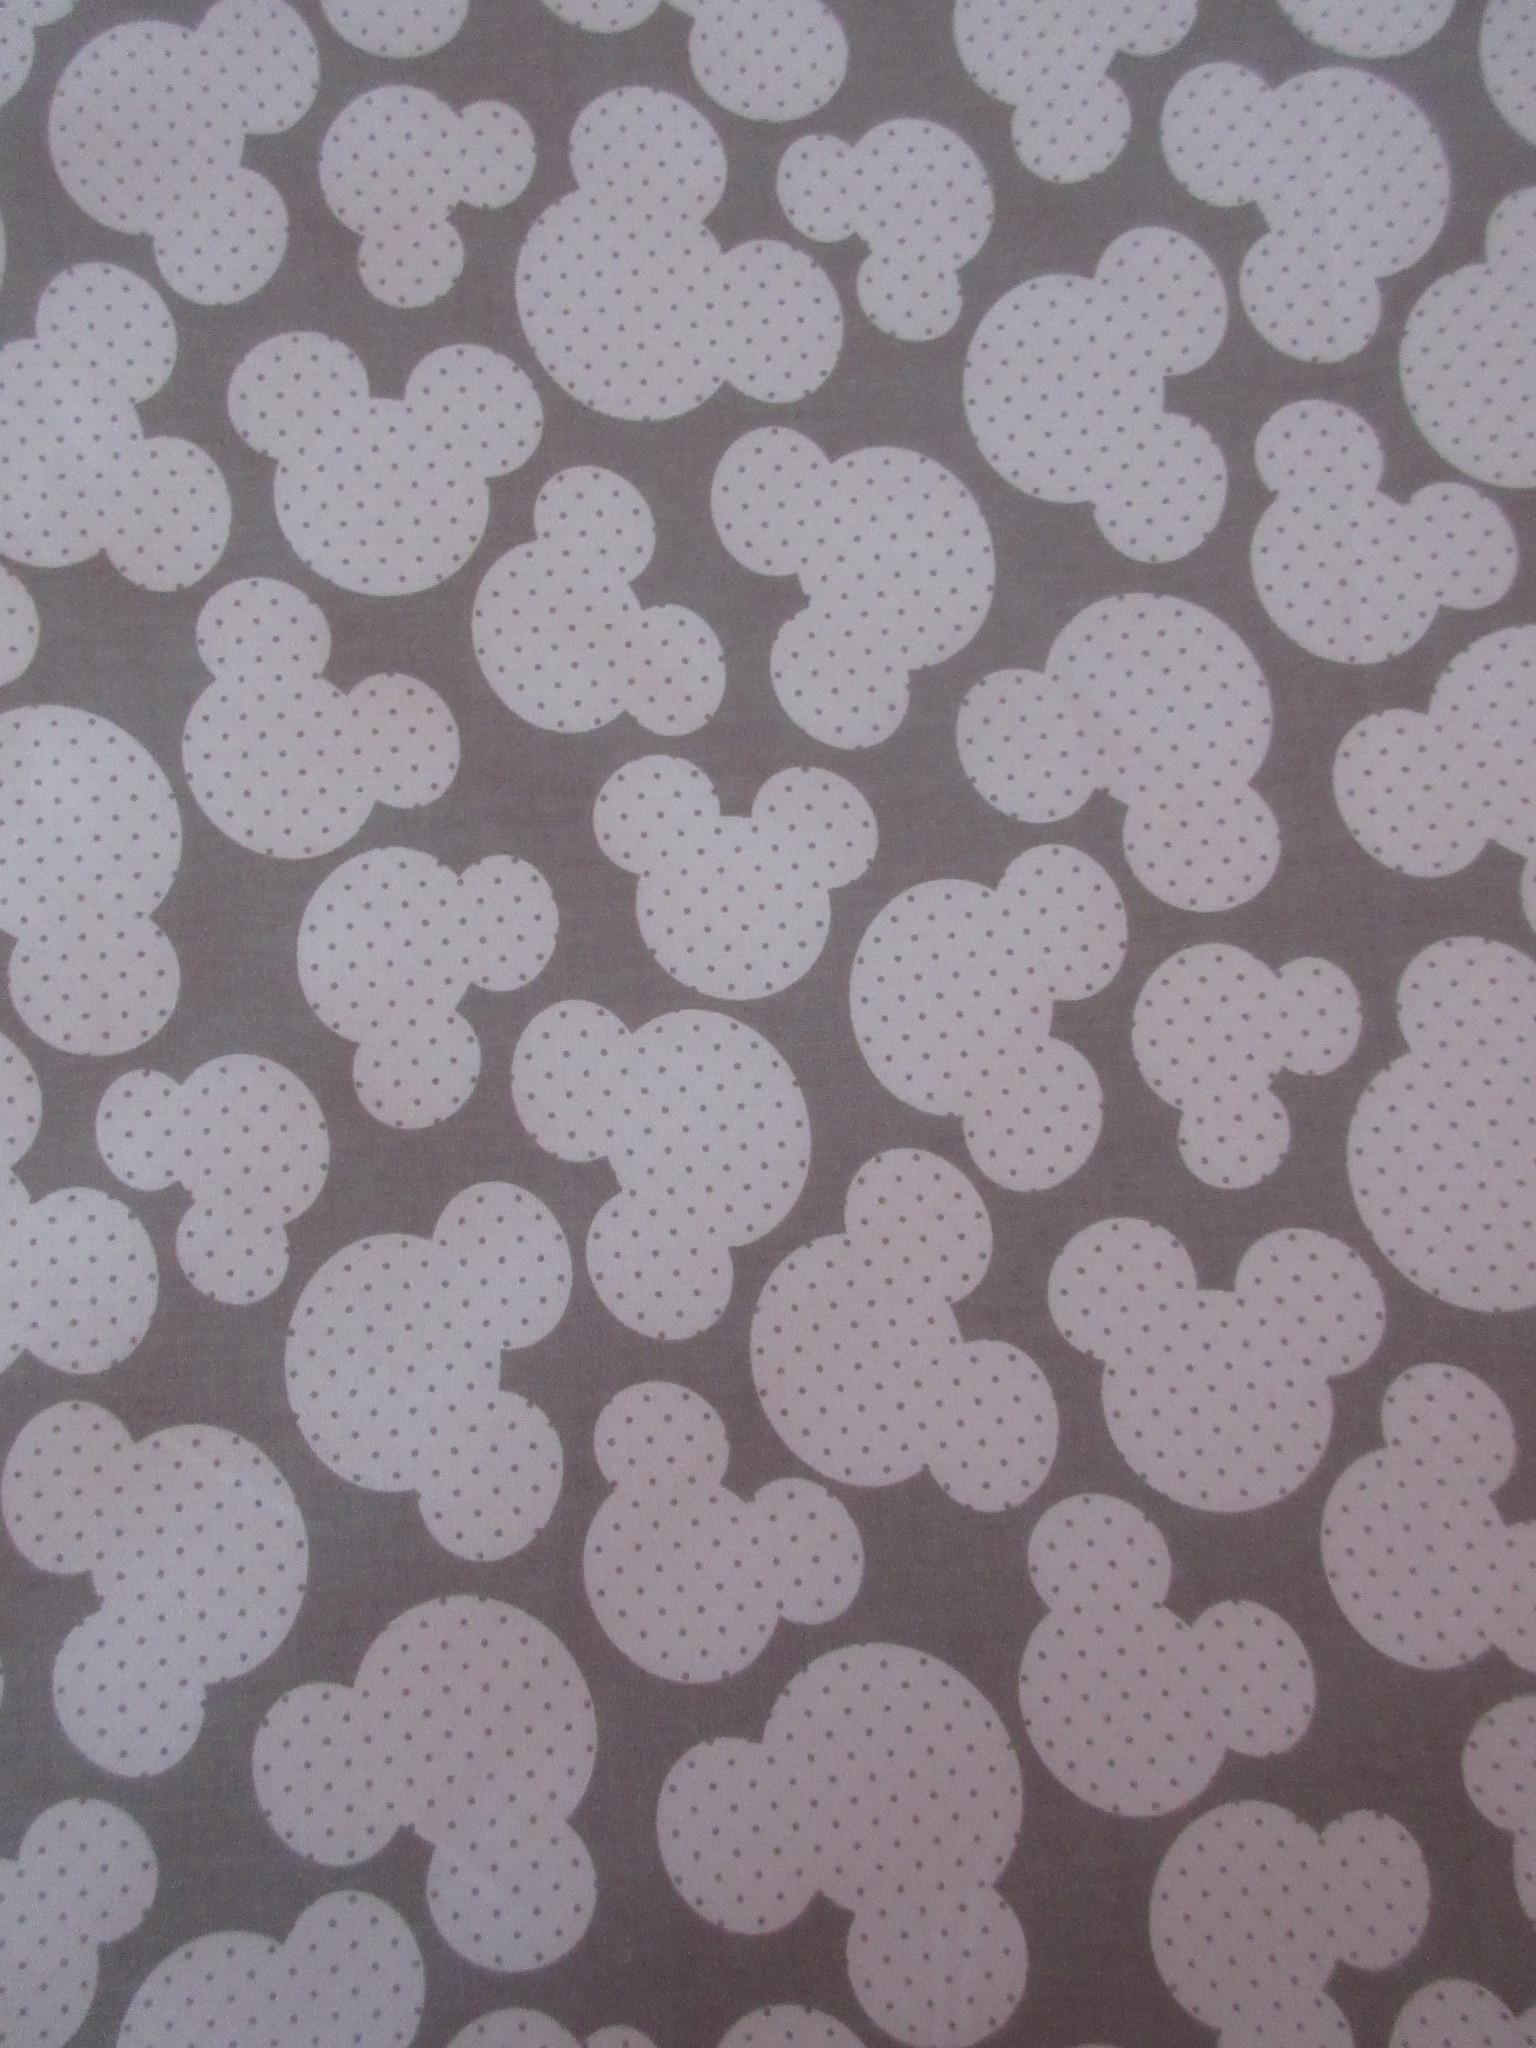 ab45f4a9c0ce Dekorační látka metráž Mickey šedá   Zboží prodejce Naše mimi